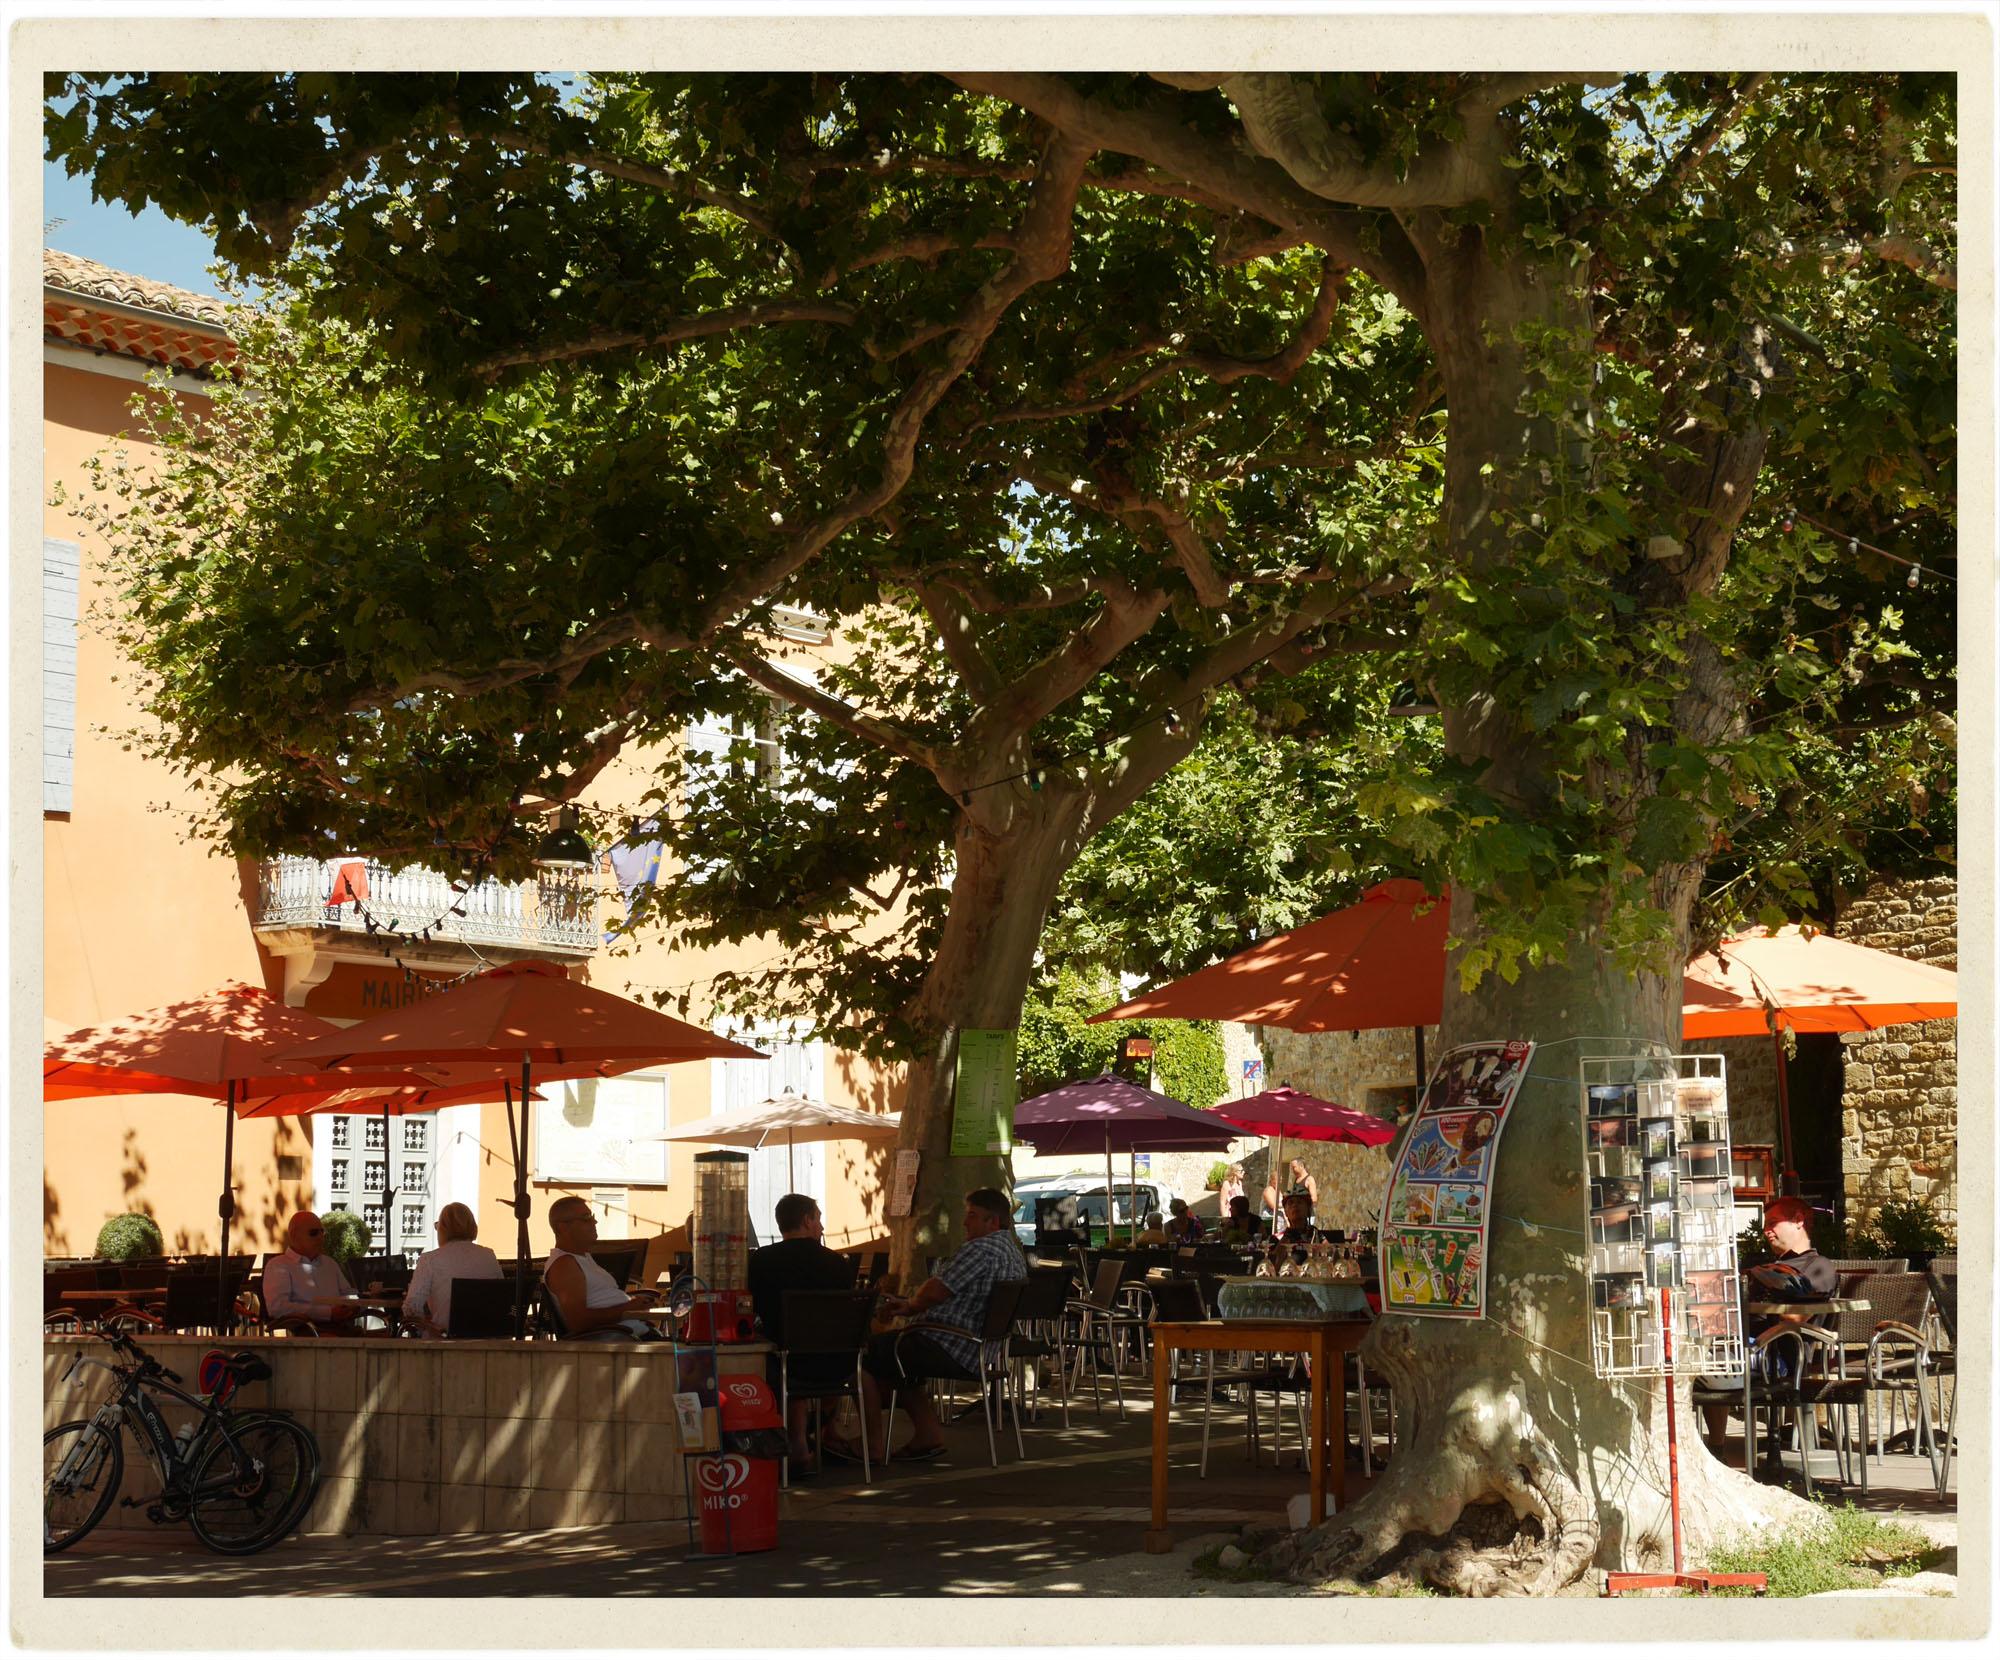 Little village of Villedieu.